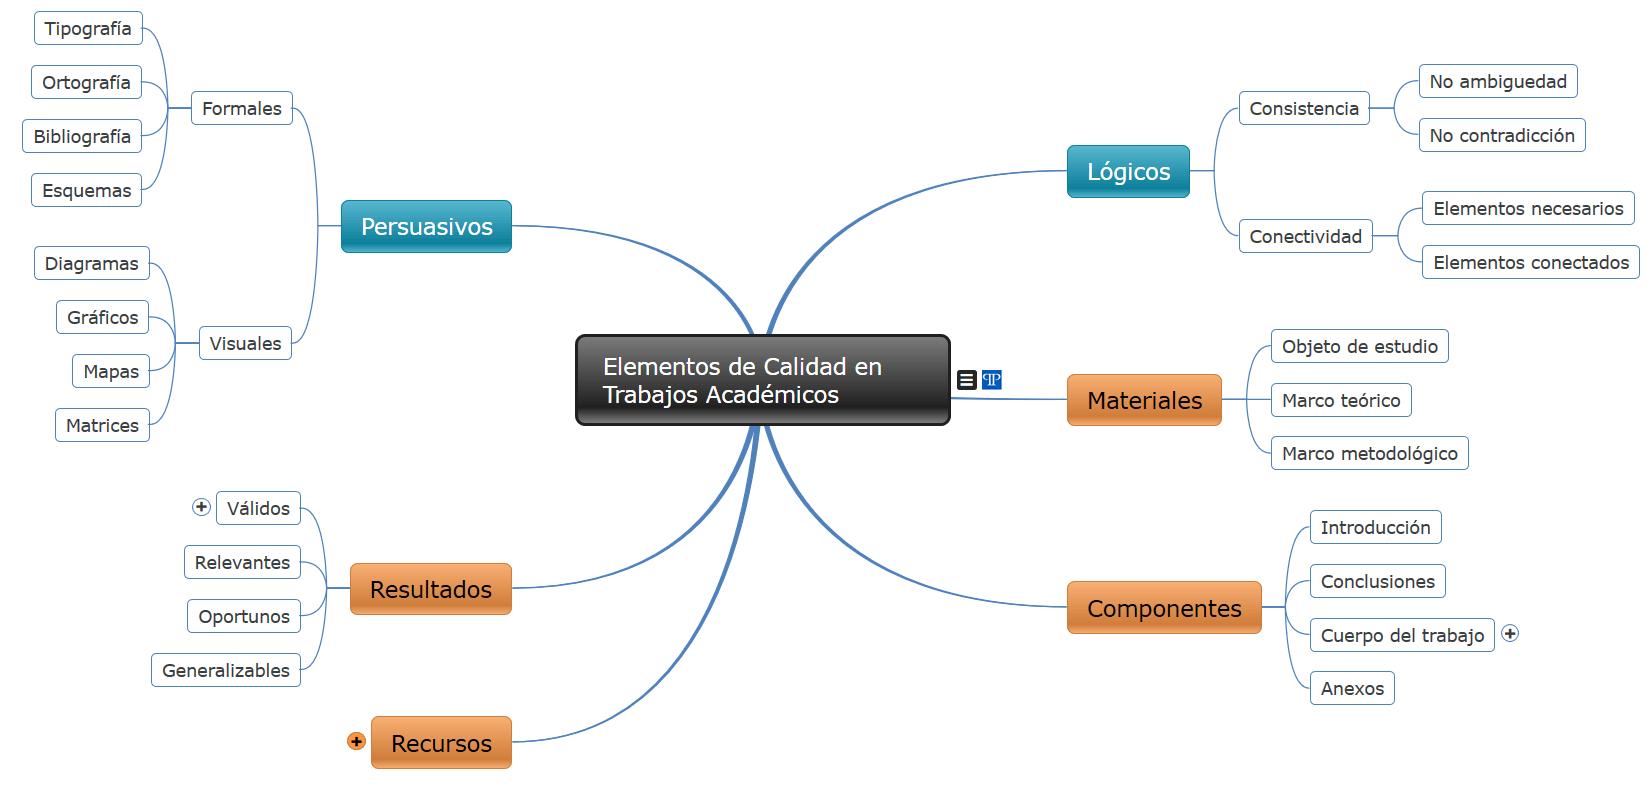 Tablas y diagramas en investigación cualitativa y trabajos académicos